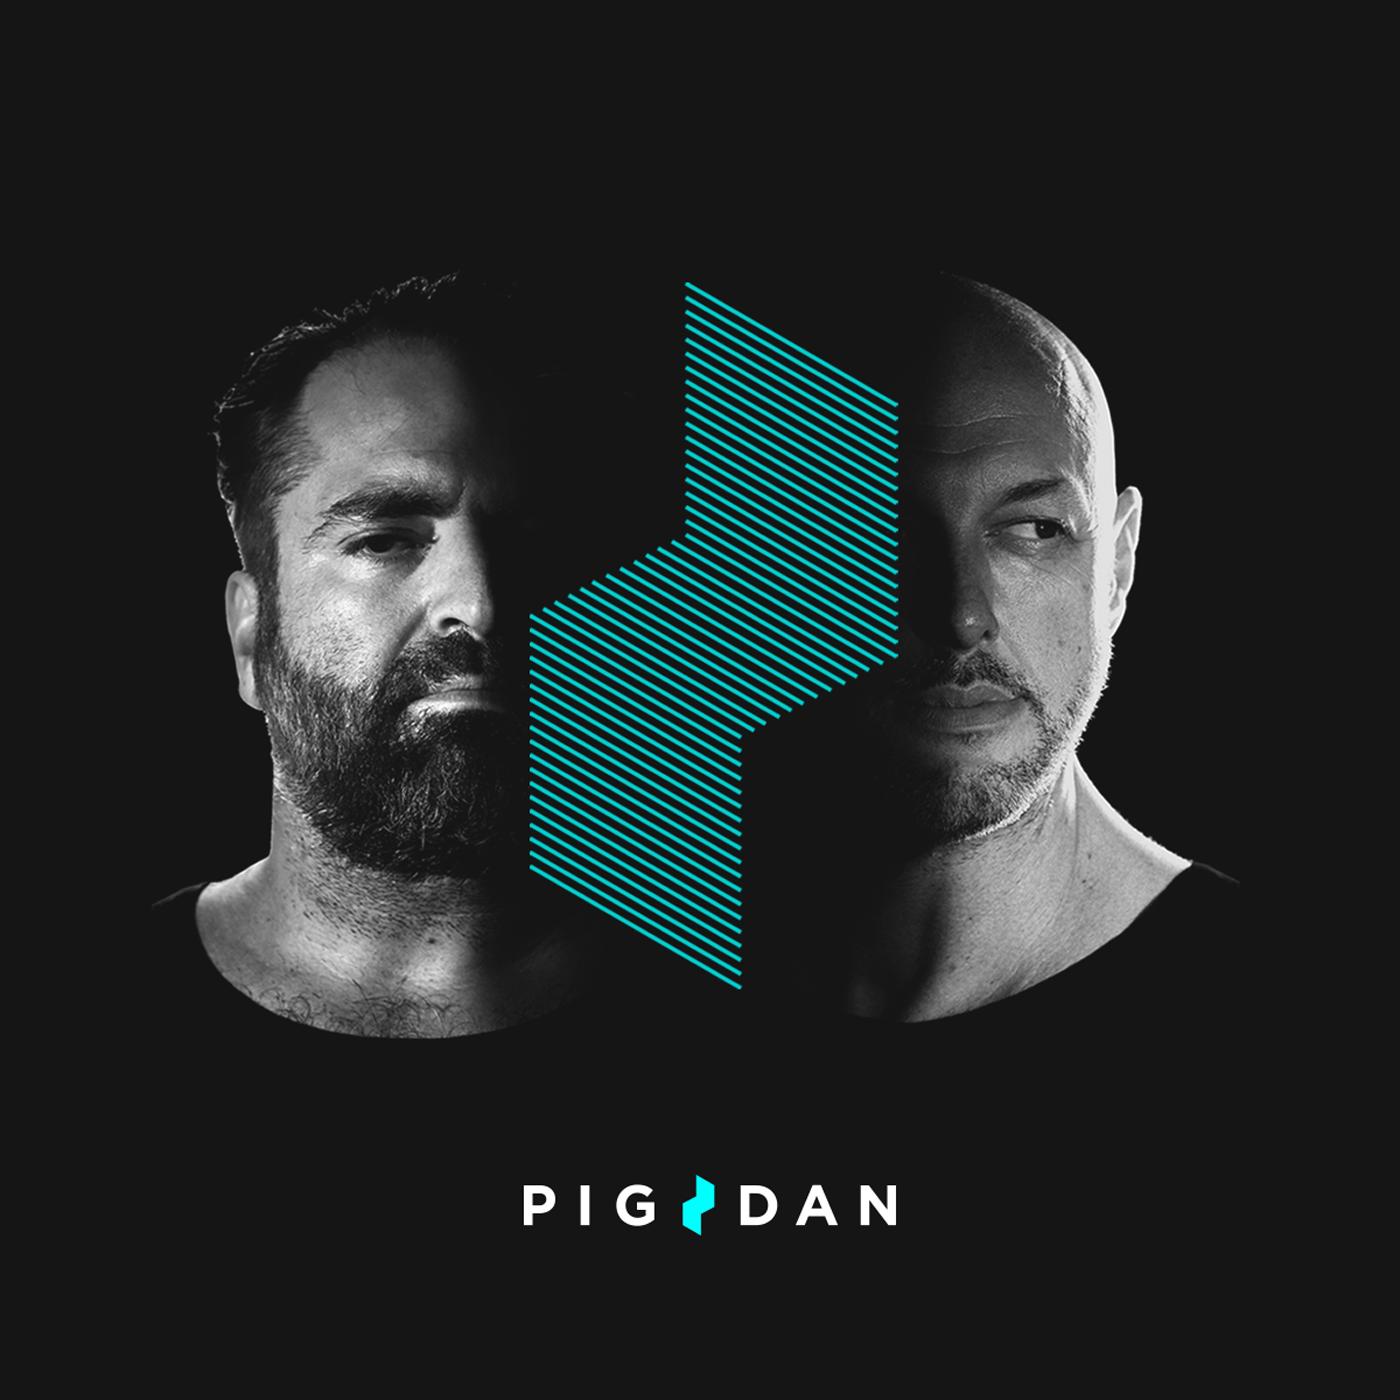 Pig and Dan